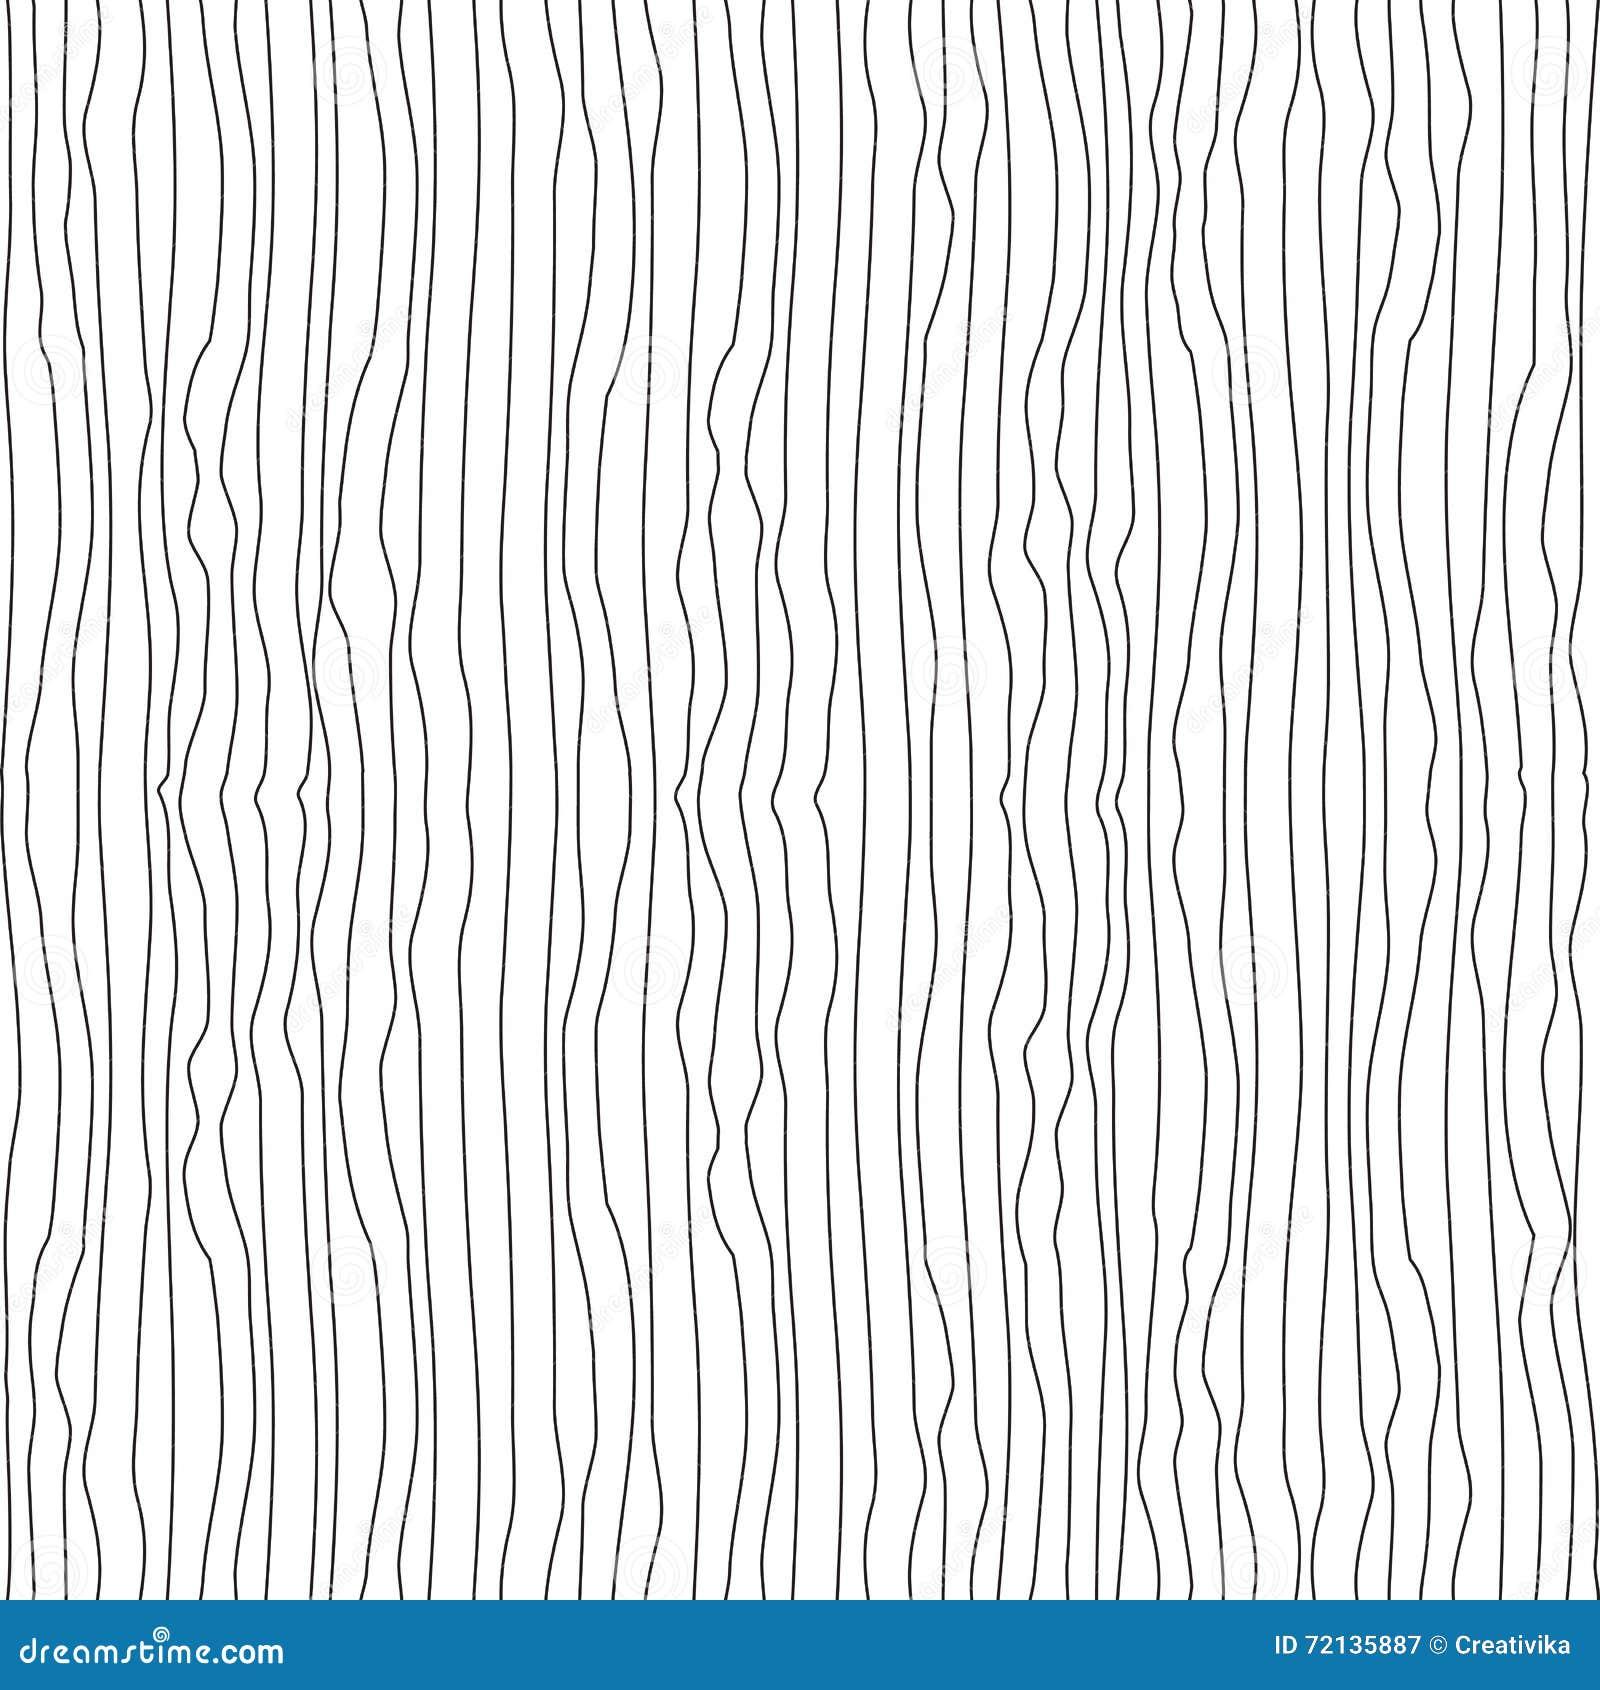 Vertikale gewellte dünne ungleiche Linien nahtloses Muster